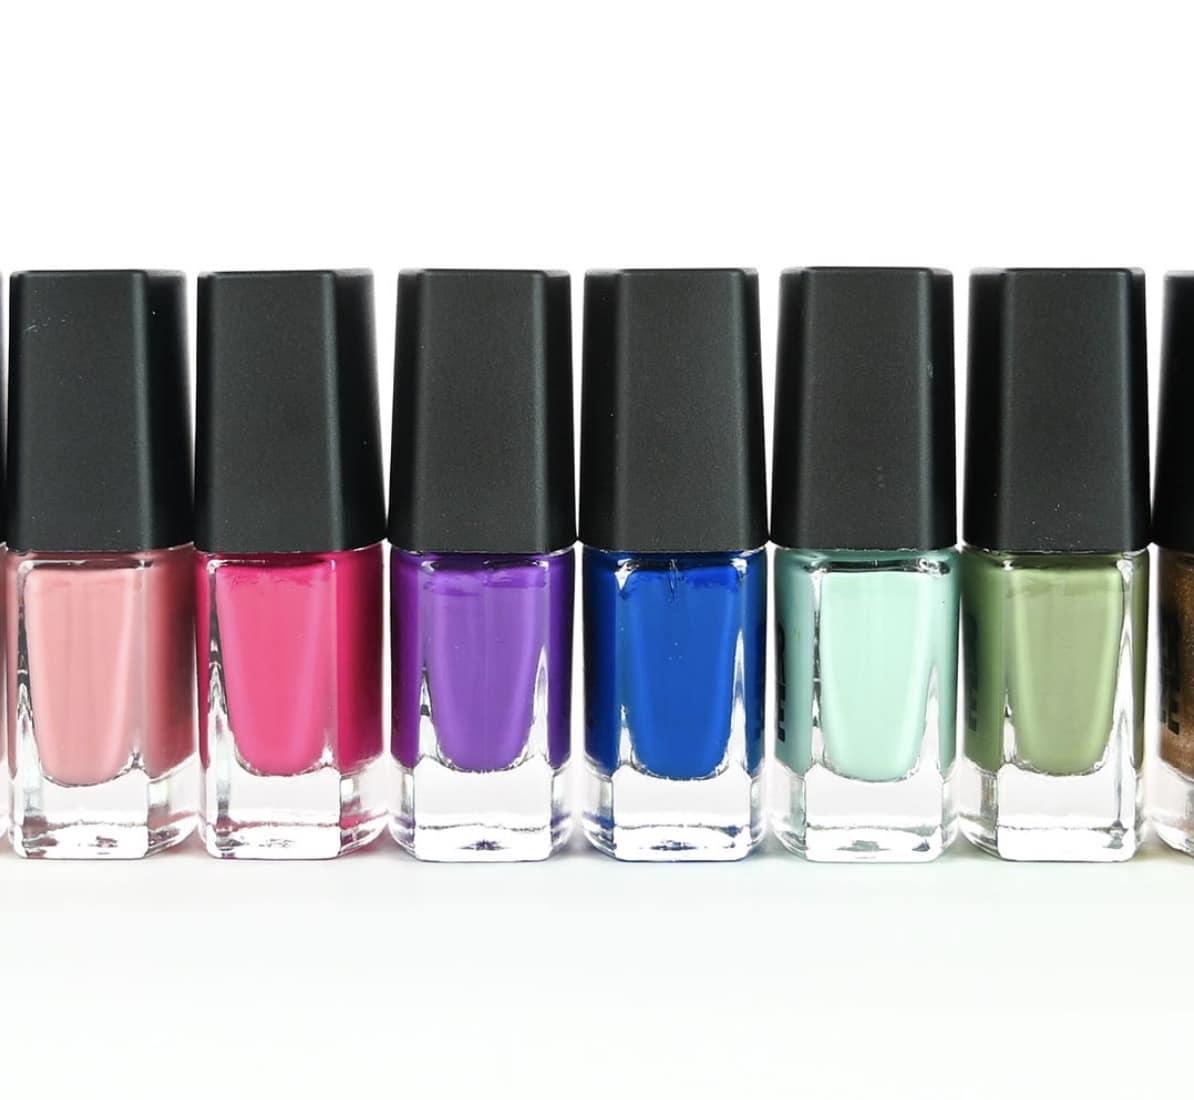 Superdoze Farben Sortiement Auswahl Rosa Pink lila blau grün türkis